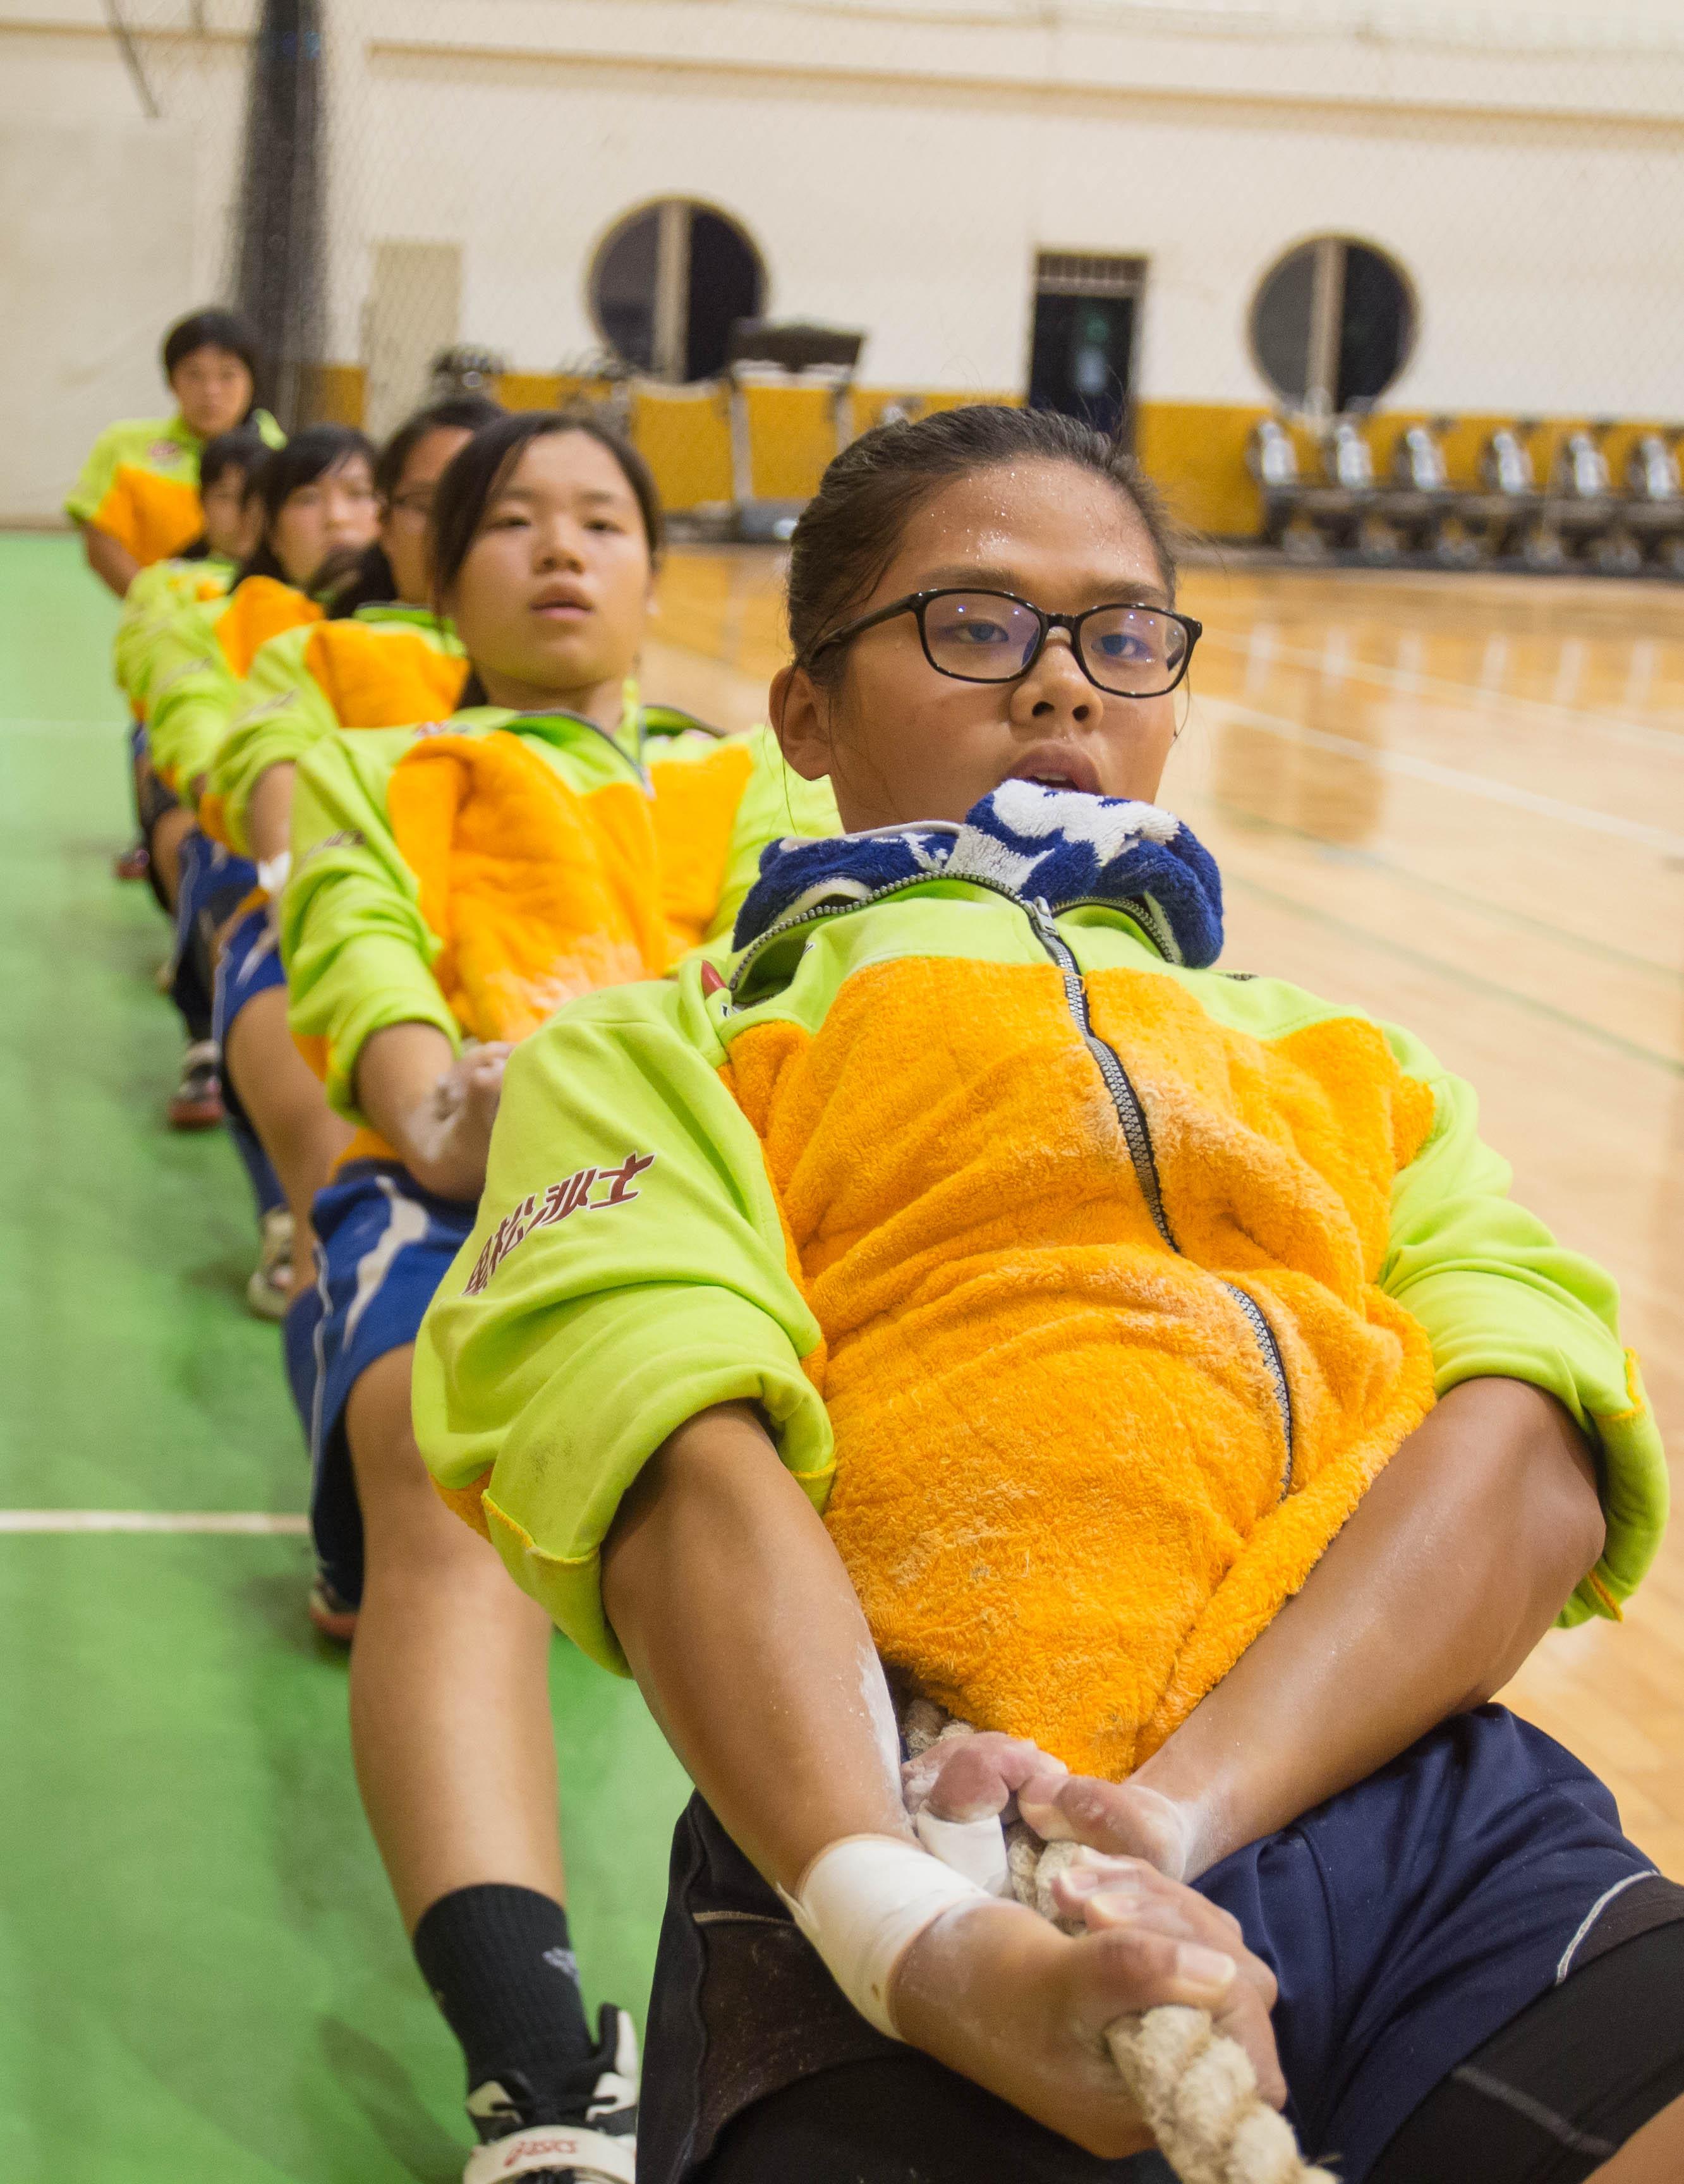 景美師大拔河聯隊於2016世界盃贏得金牌,回國後又開始密集訓練為下場比賽努力。